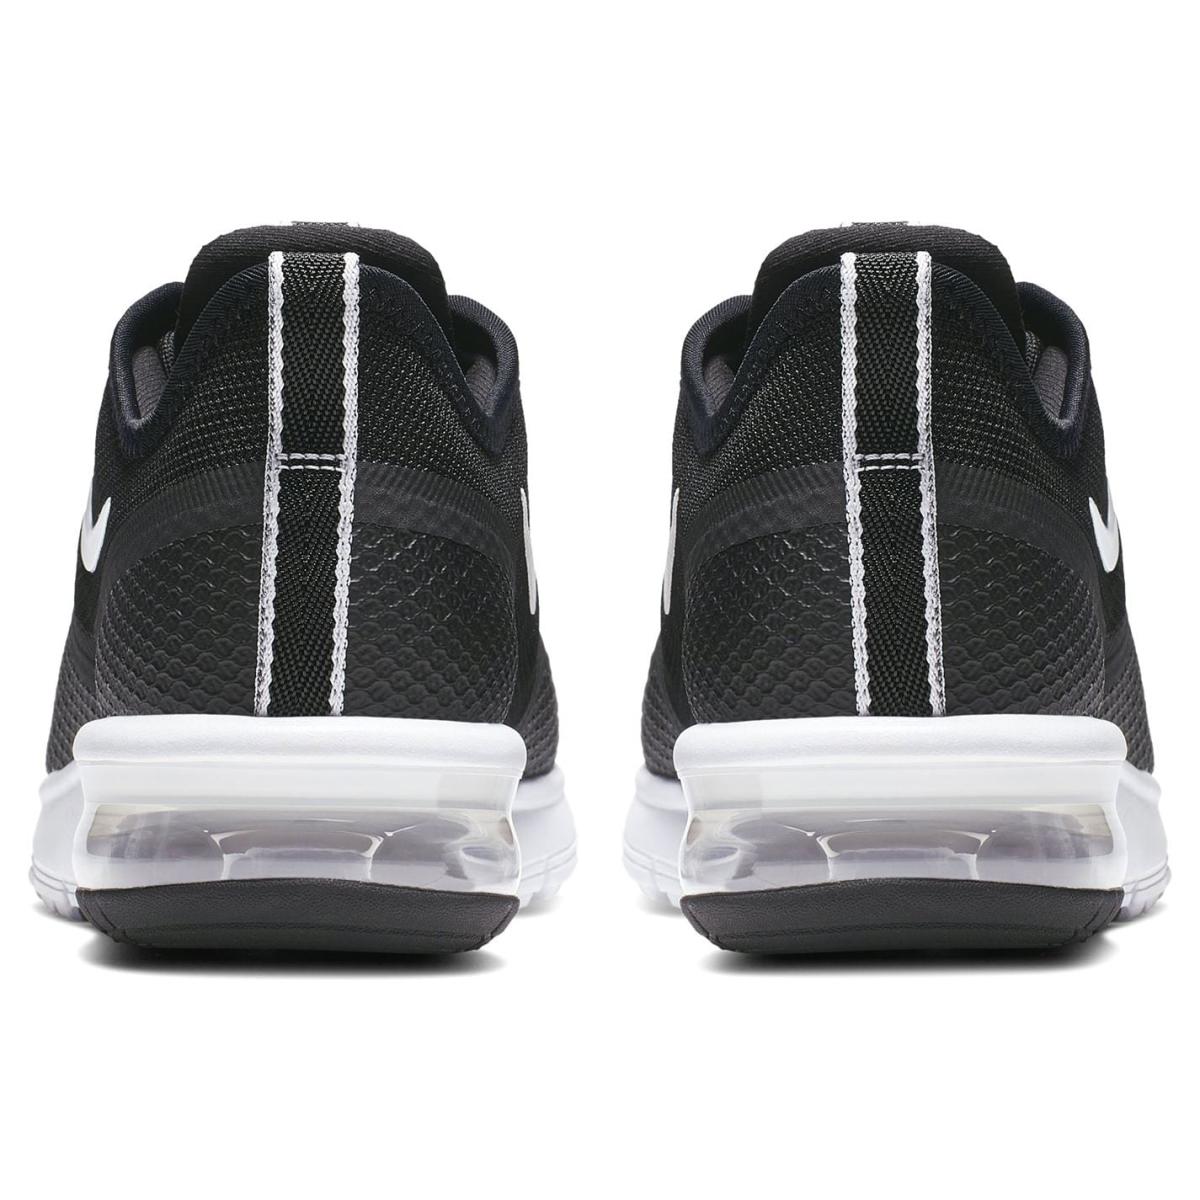 Nike Air Max Sequent 4.5 Turnschuhe Damen Sneaker Sportschuhe Laufschuhe 4073